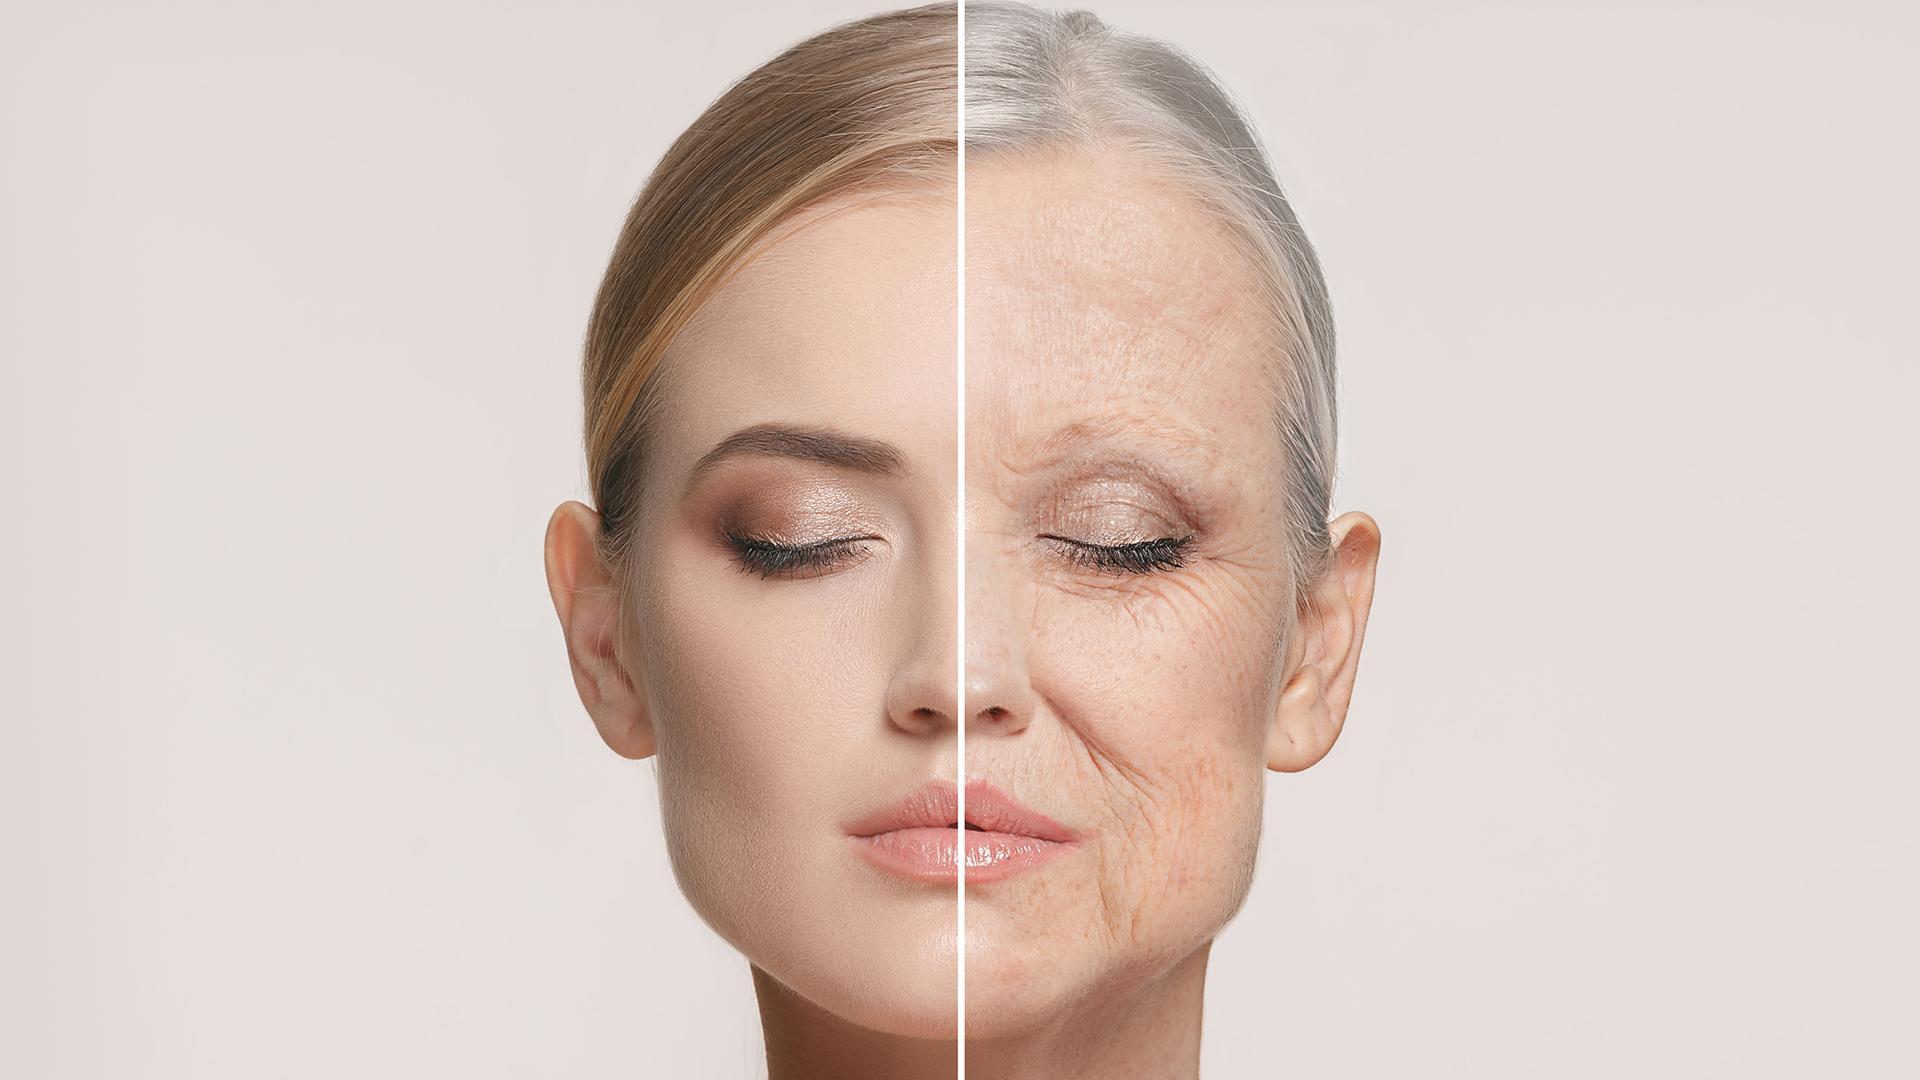 es natural que comiencen a aparecer los primeros signos de envejecimiento de la piel.